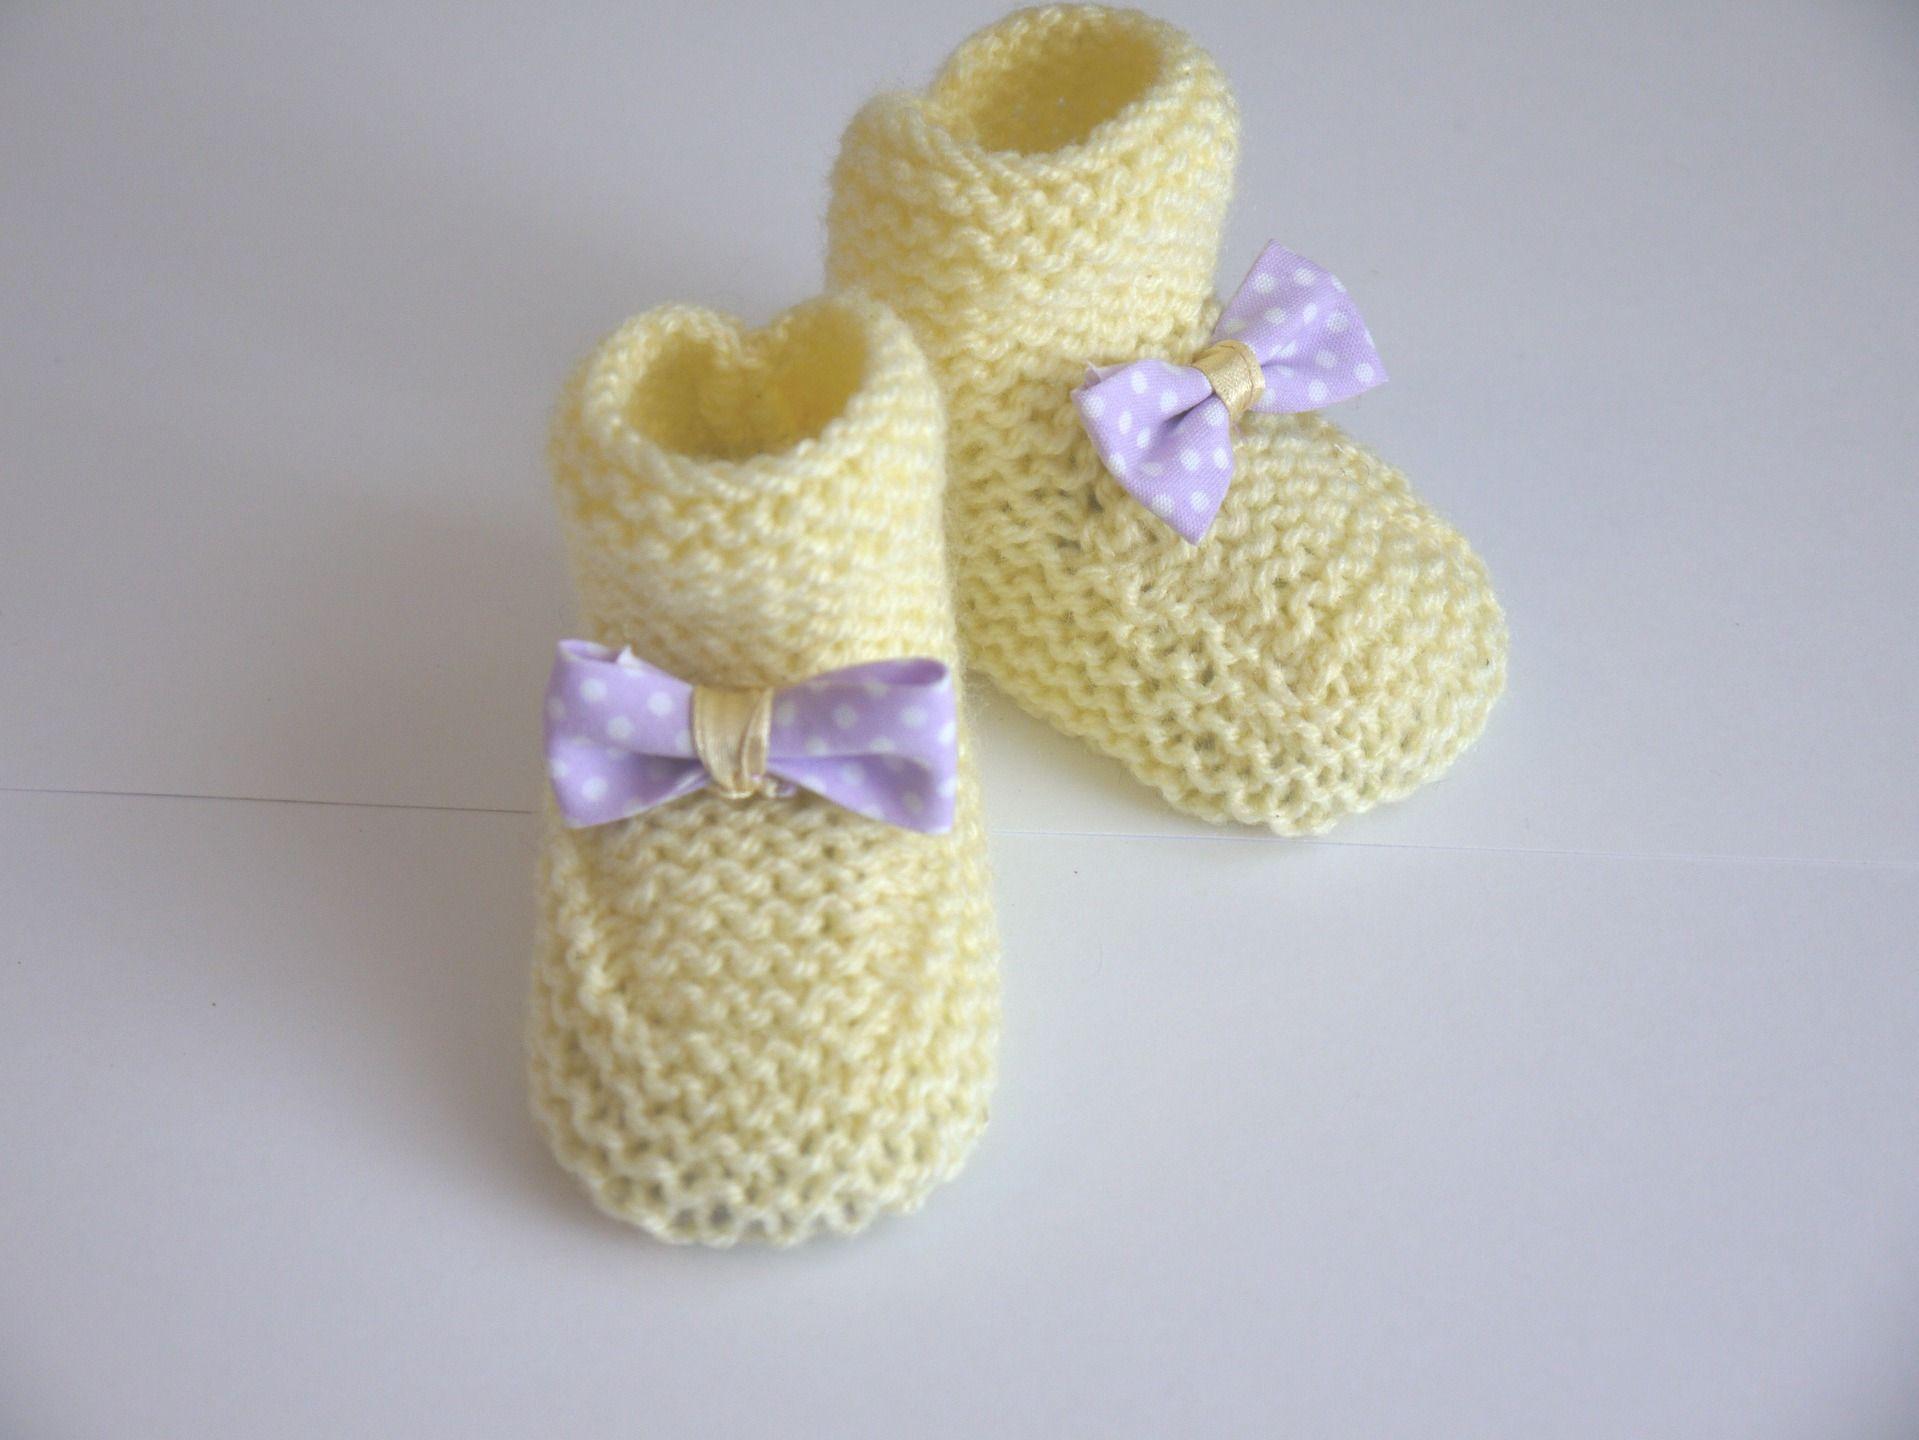 6272ea07ec54c chaussons jaune clair bébé fille chaussures naissance 0 1 mois noeuds tissu  violet pois blancs